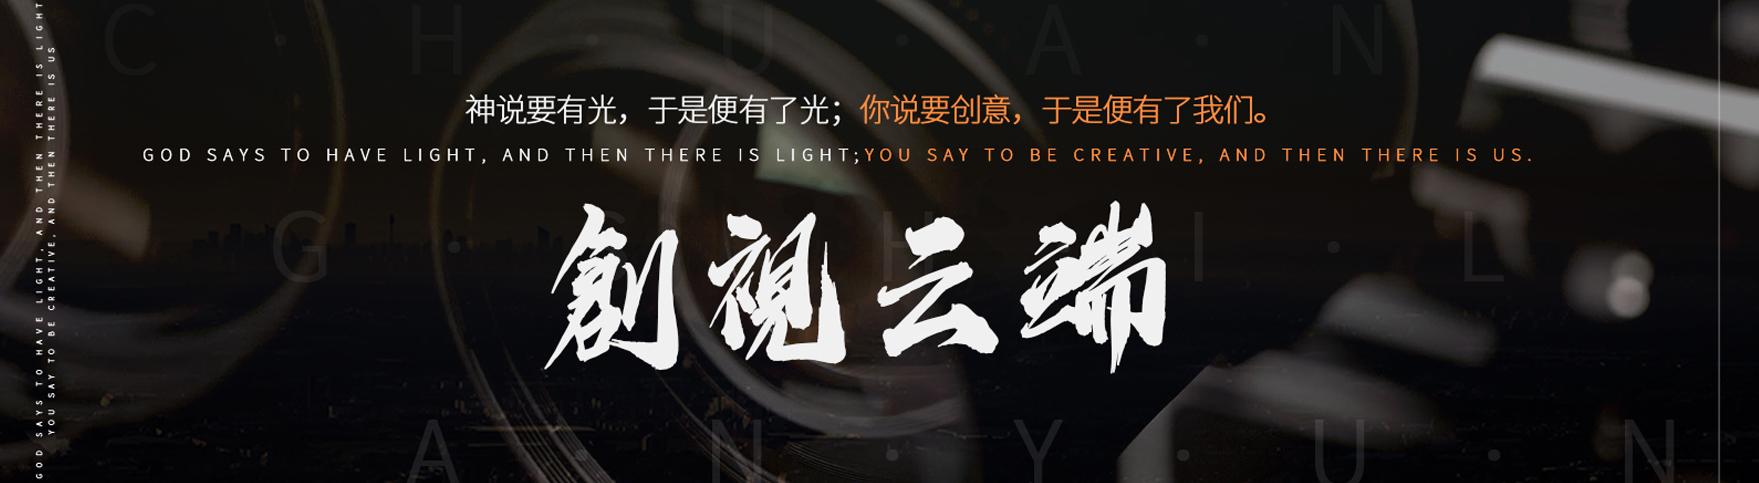 武汉宣传片制作公司